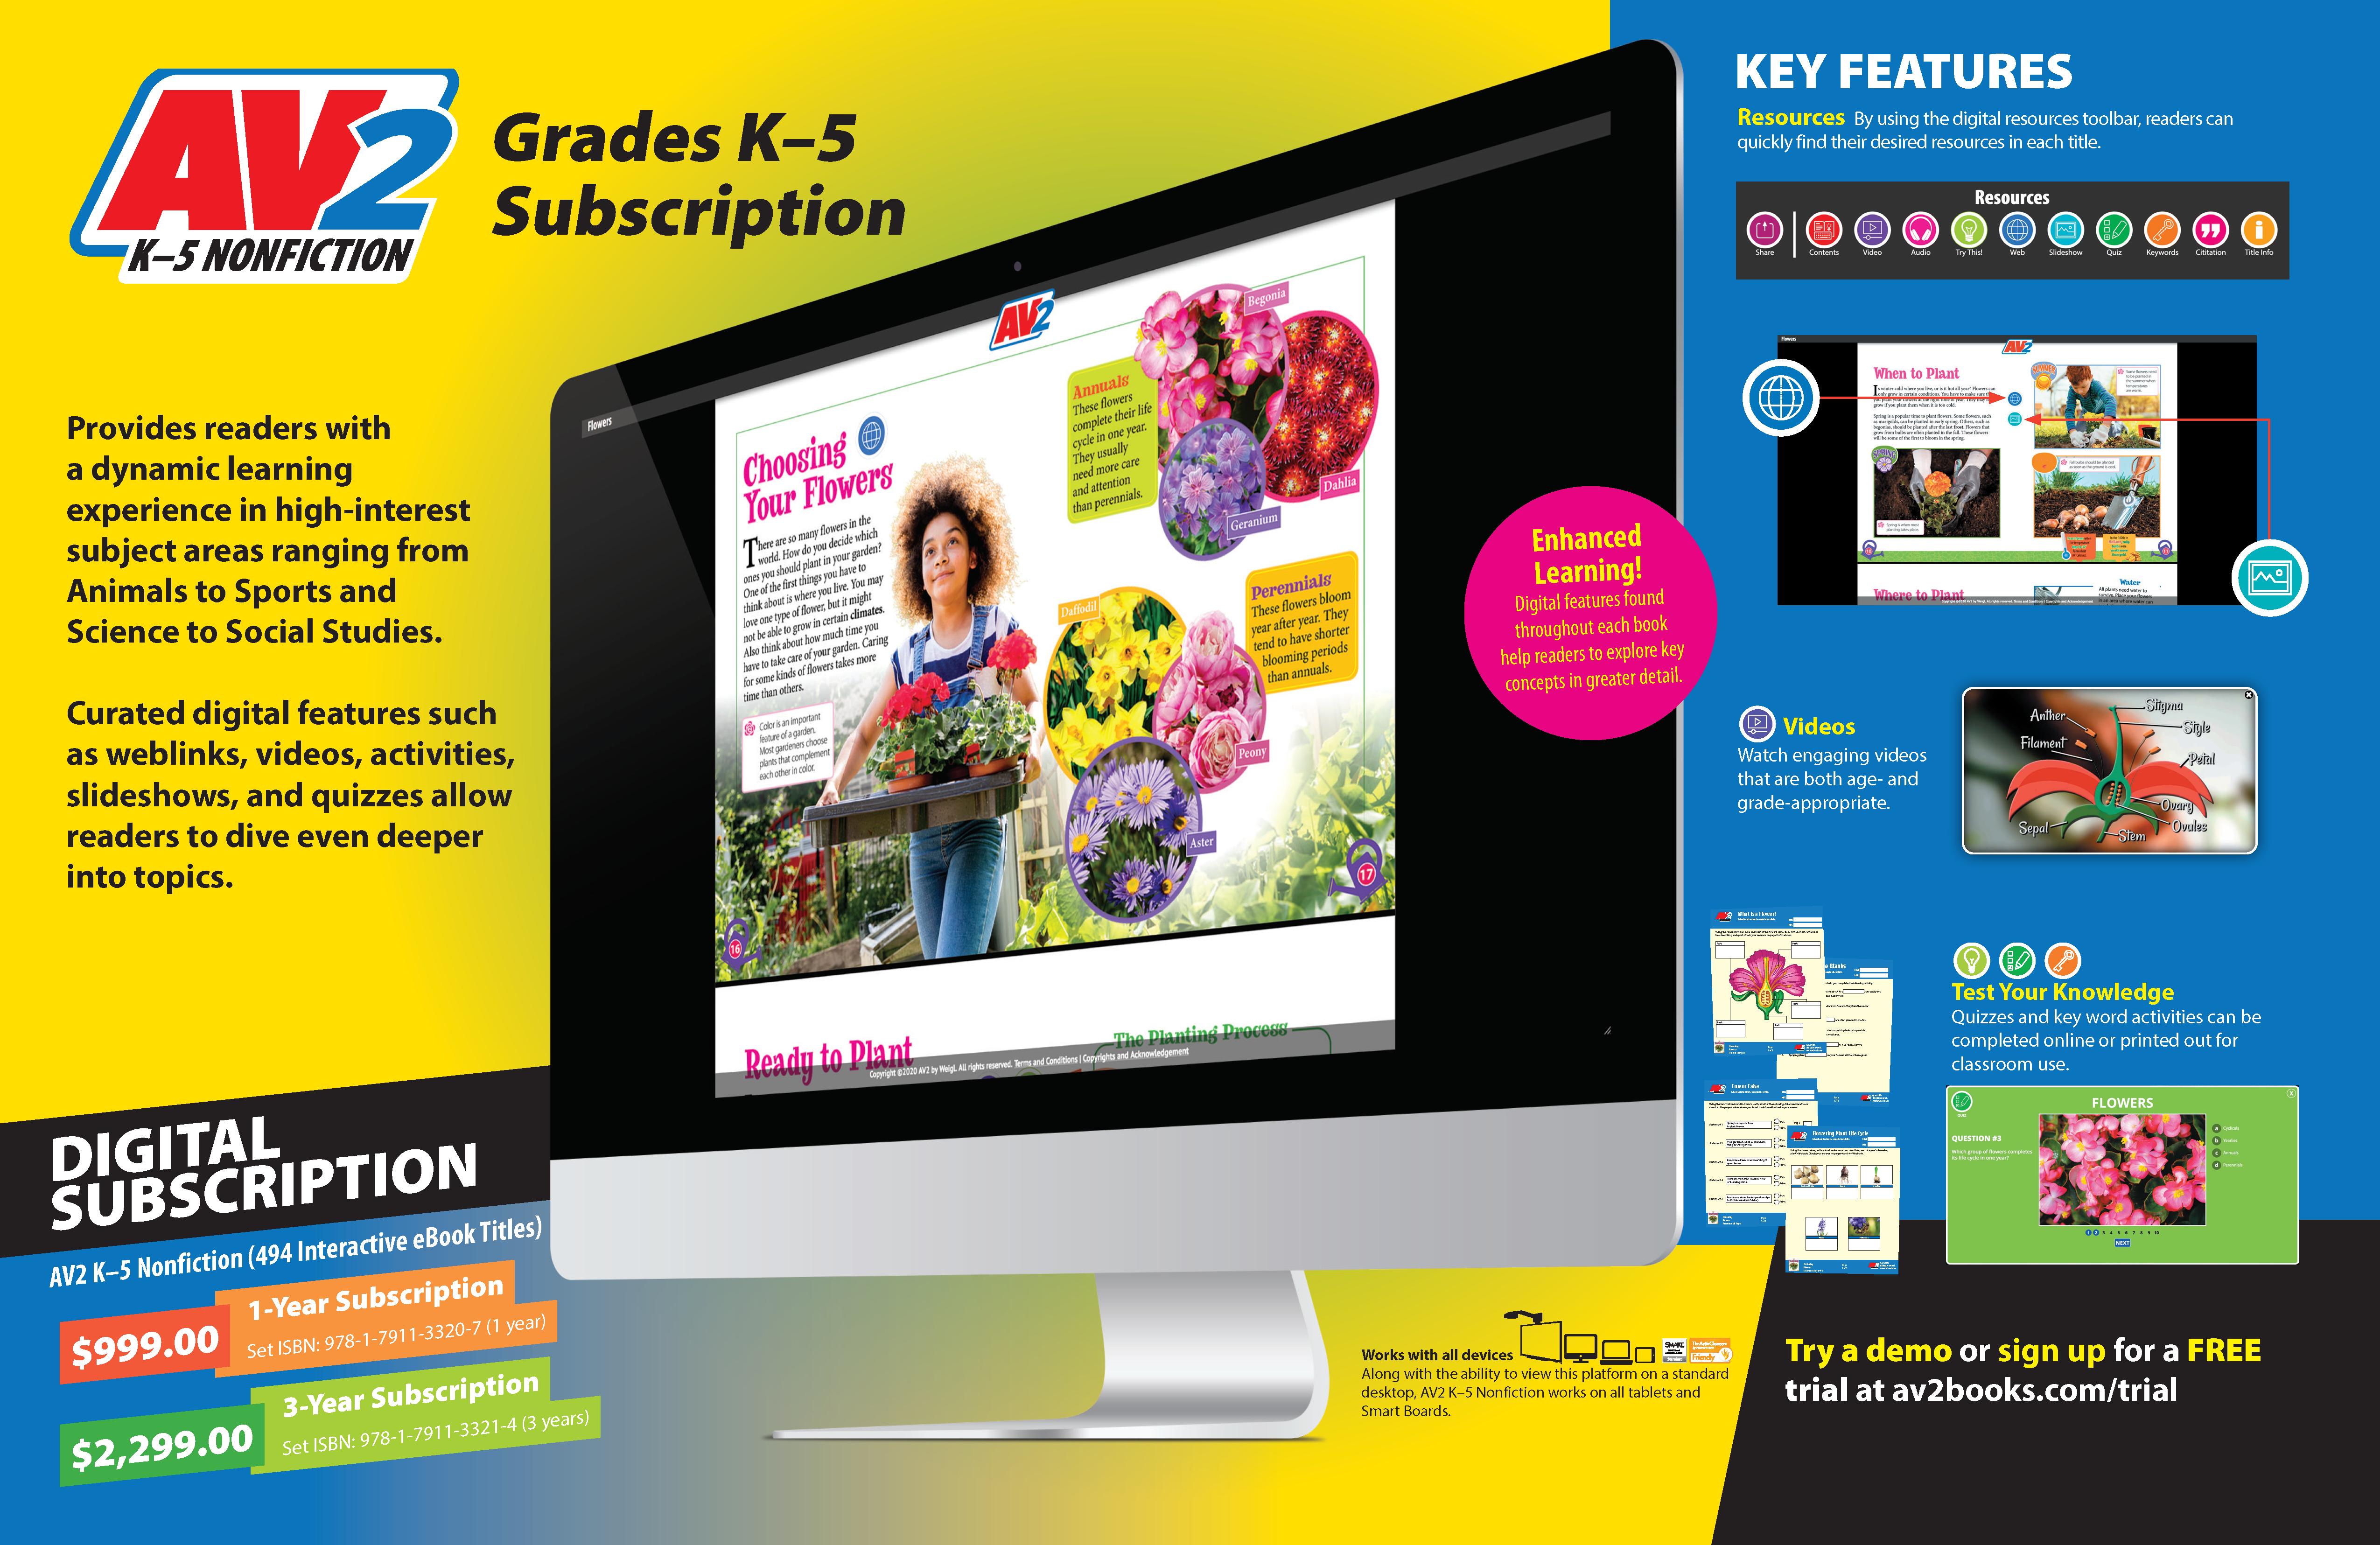 2021 AV2 K–5 Nonfiction Subscription